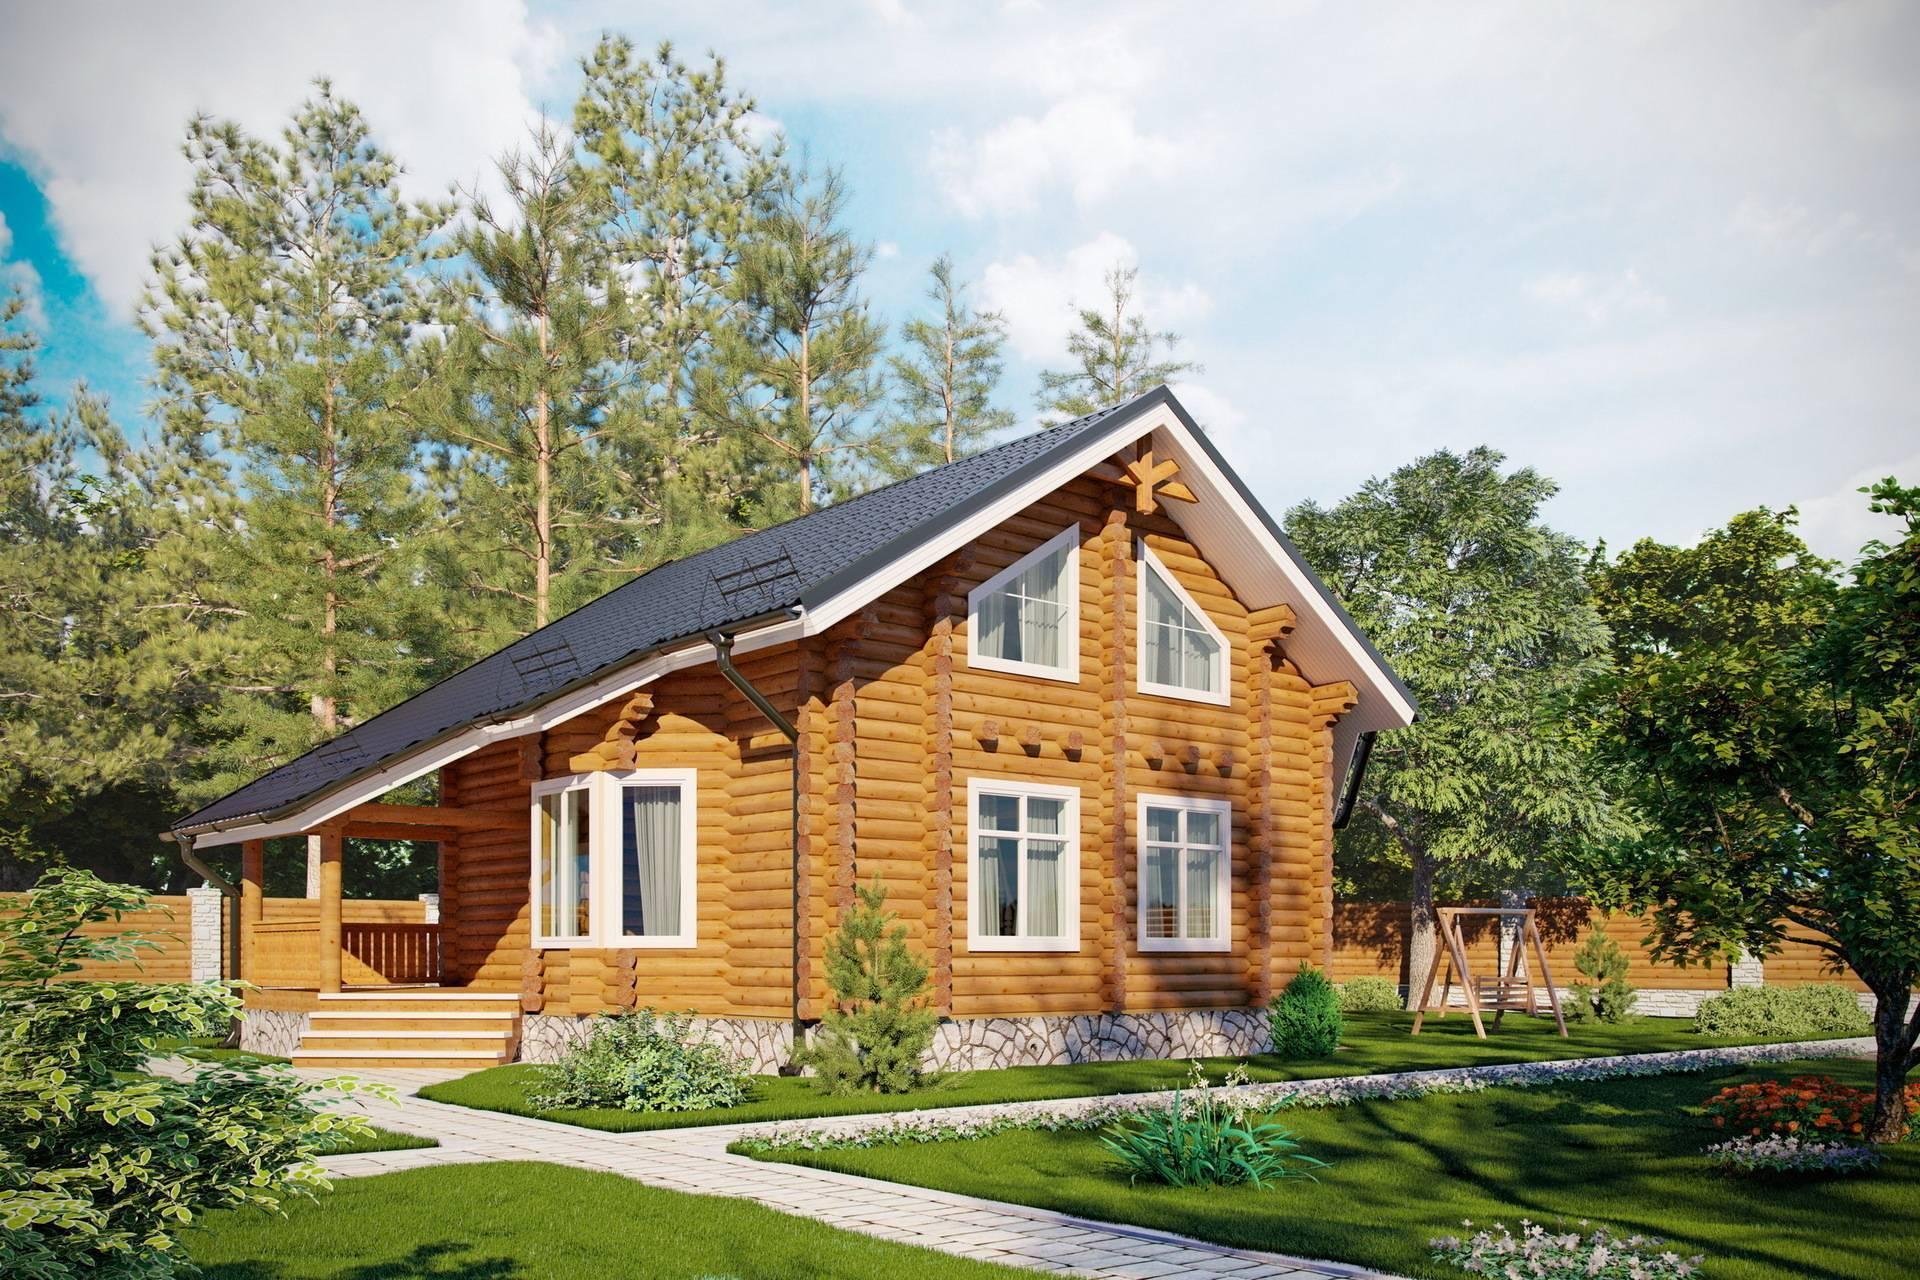 Дома из бревна с мансардой: виды и преимущества. проекты деревянных домов с мансардой